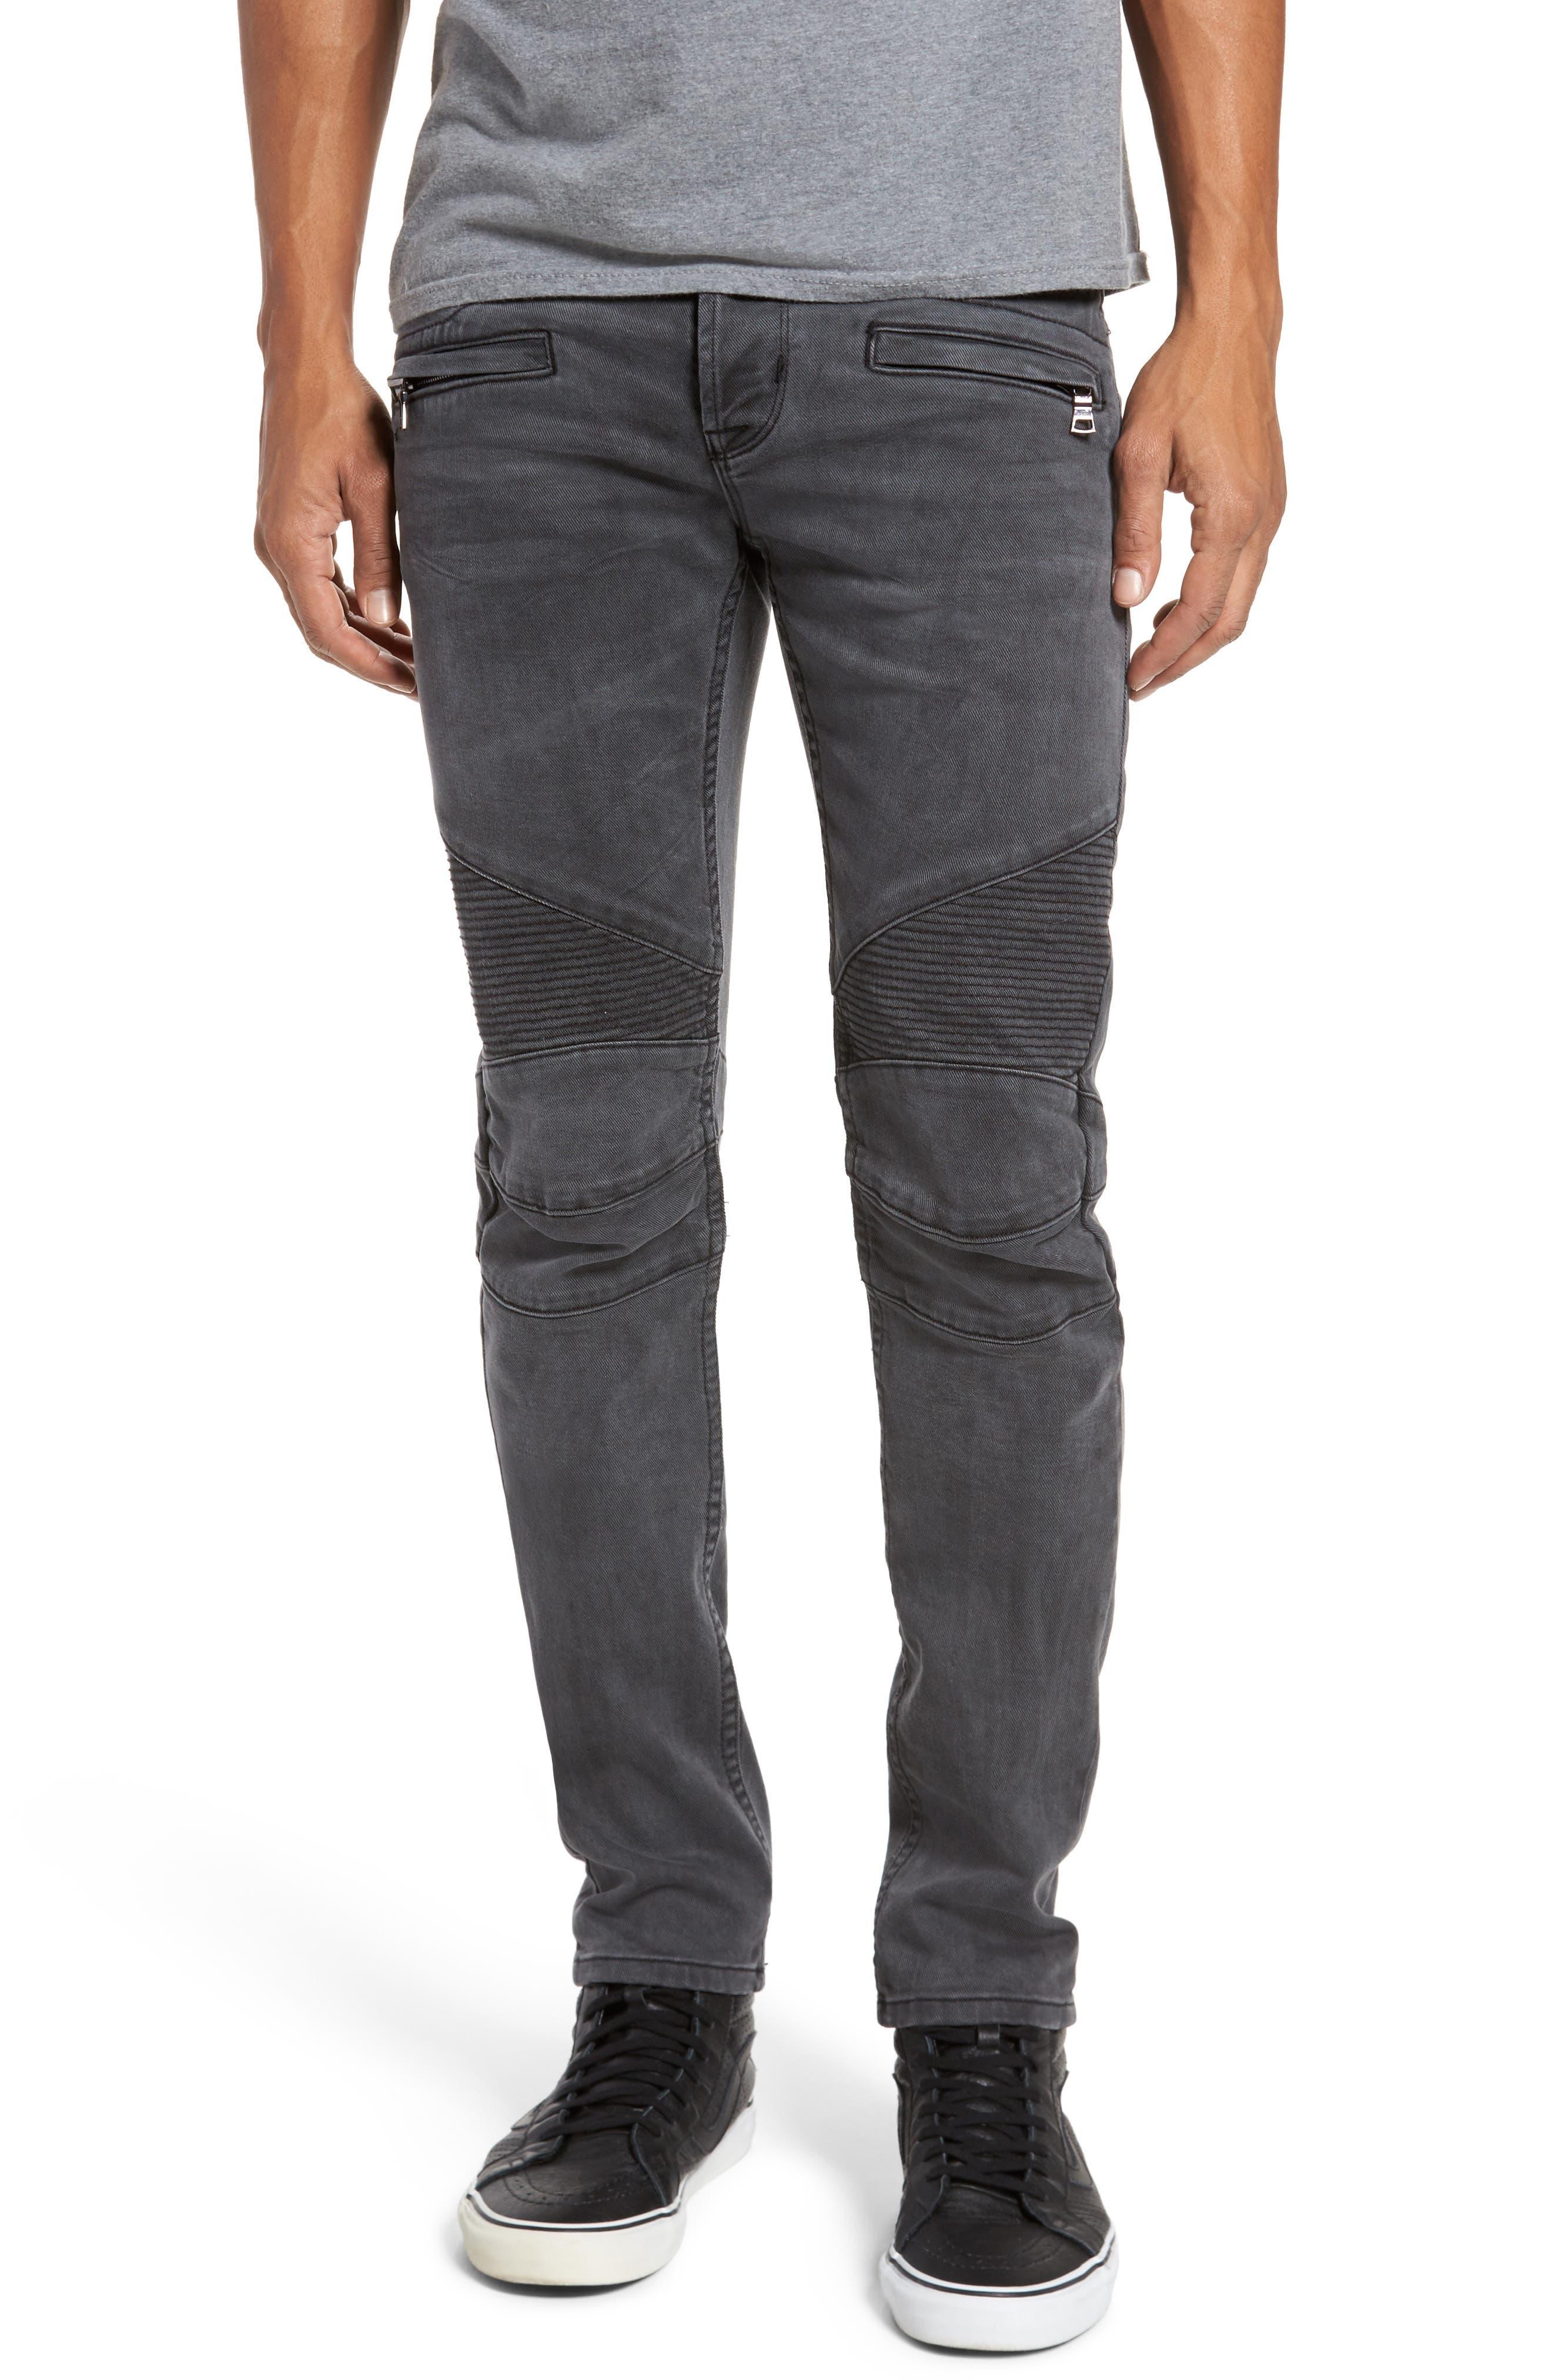 Blinder Biker Moto Skinny Fit Jeans,                         Main,                         color, MIXTAPE